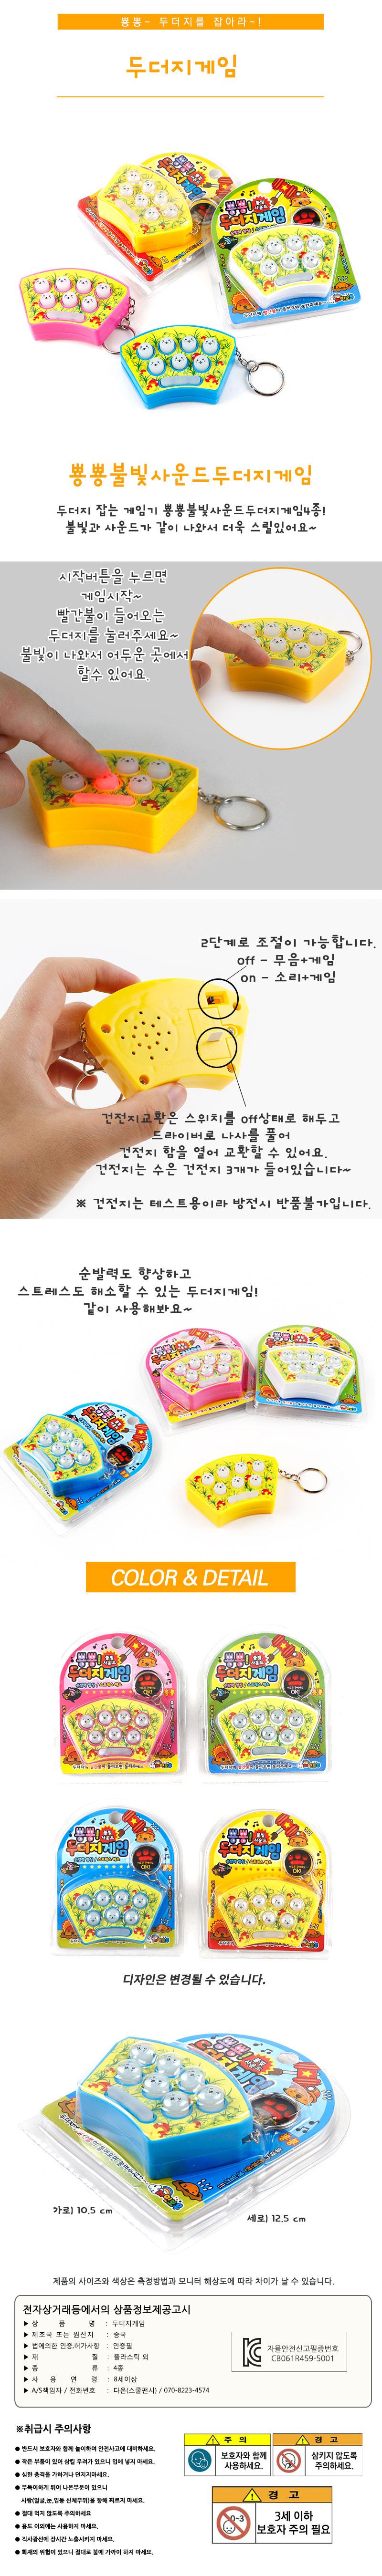 뽕뽕불빛사운드두더지게임기 색상랜덤 - 아토, 3,000원, 보드게임, 카드 게임